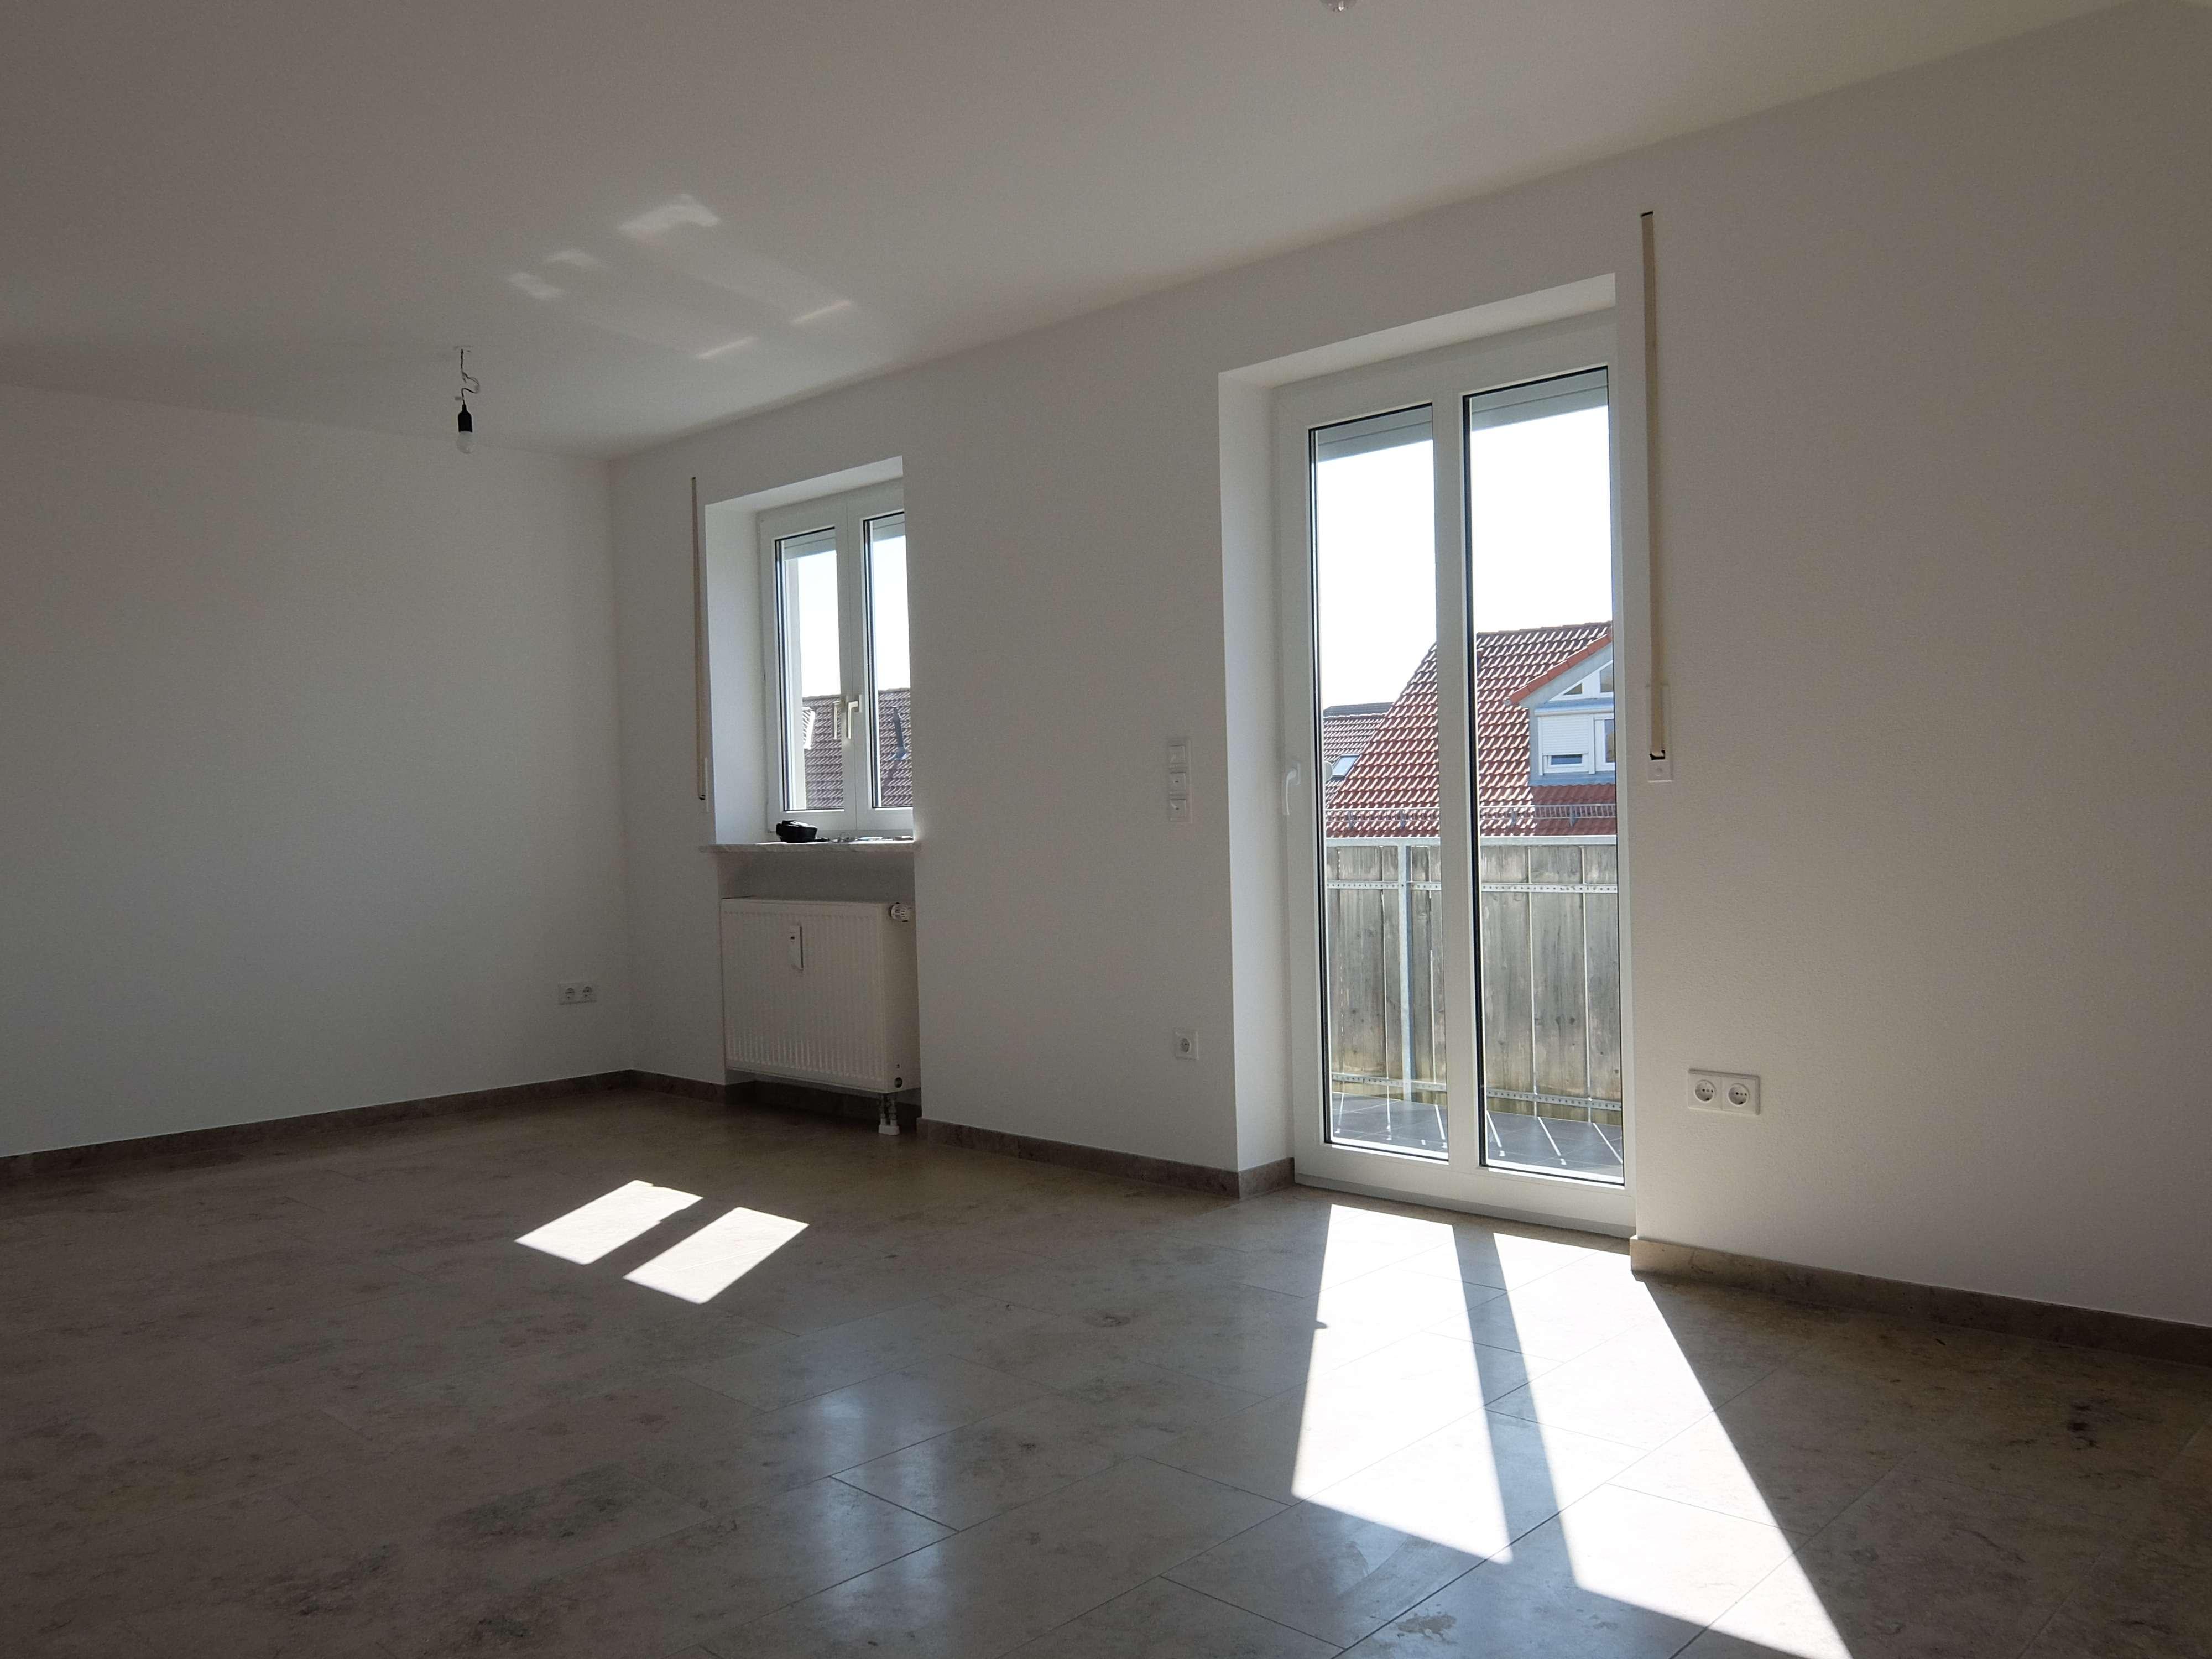 Sonnige 2-Zimmer Dachgeschosswohnung mit Balkon in FFB-PUCH in